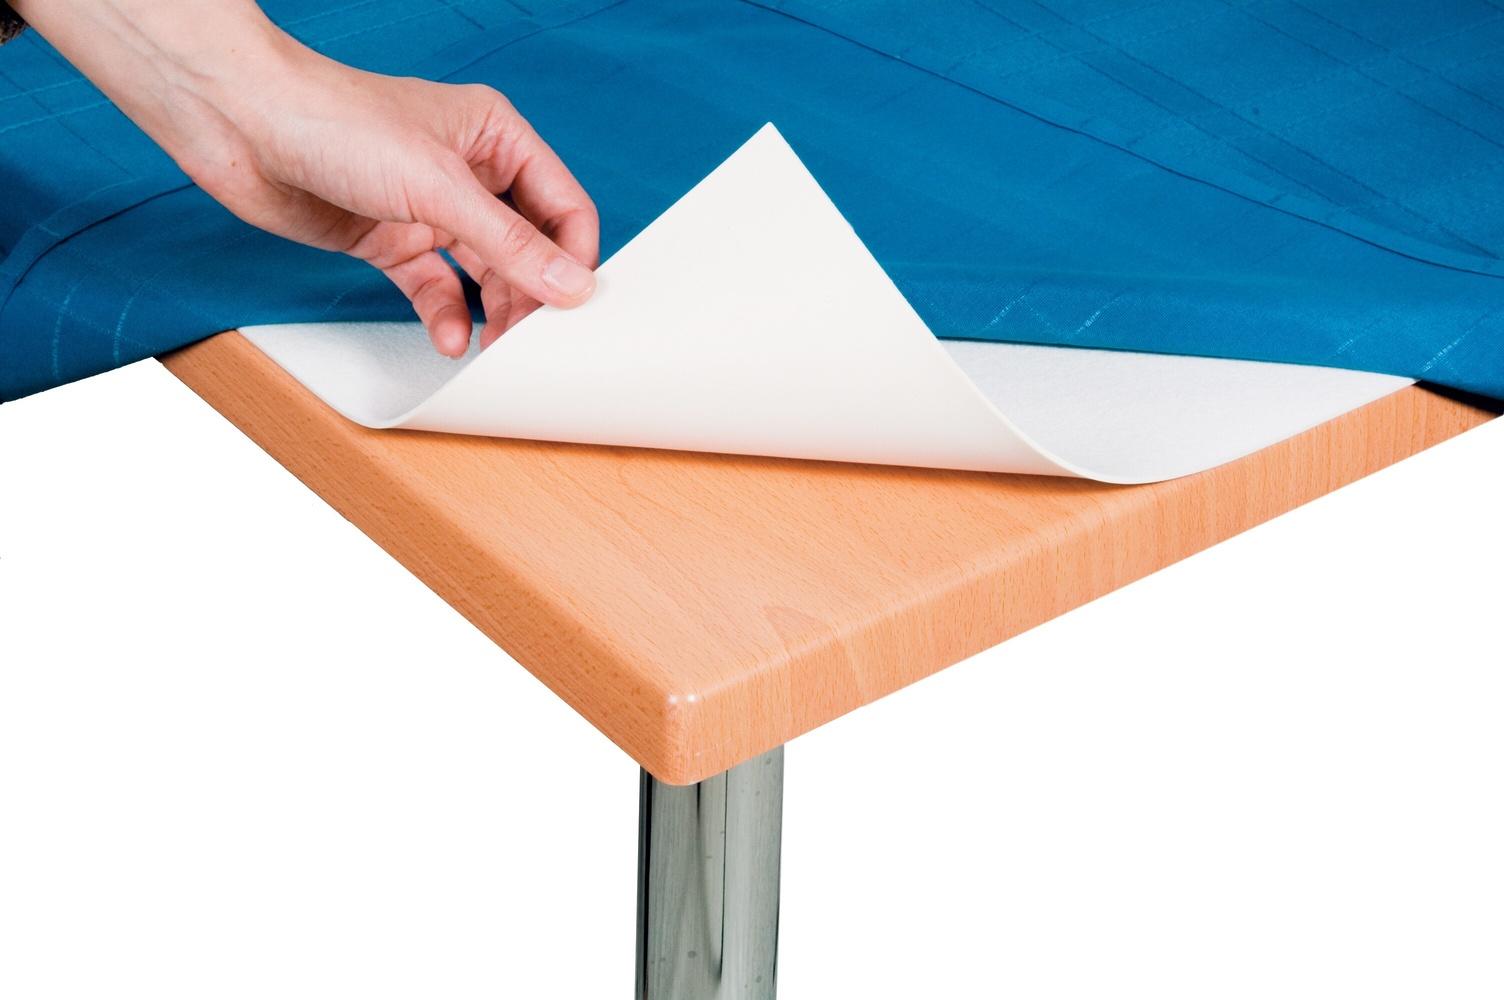 Фото мулетона на столе